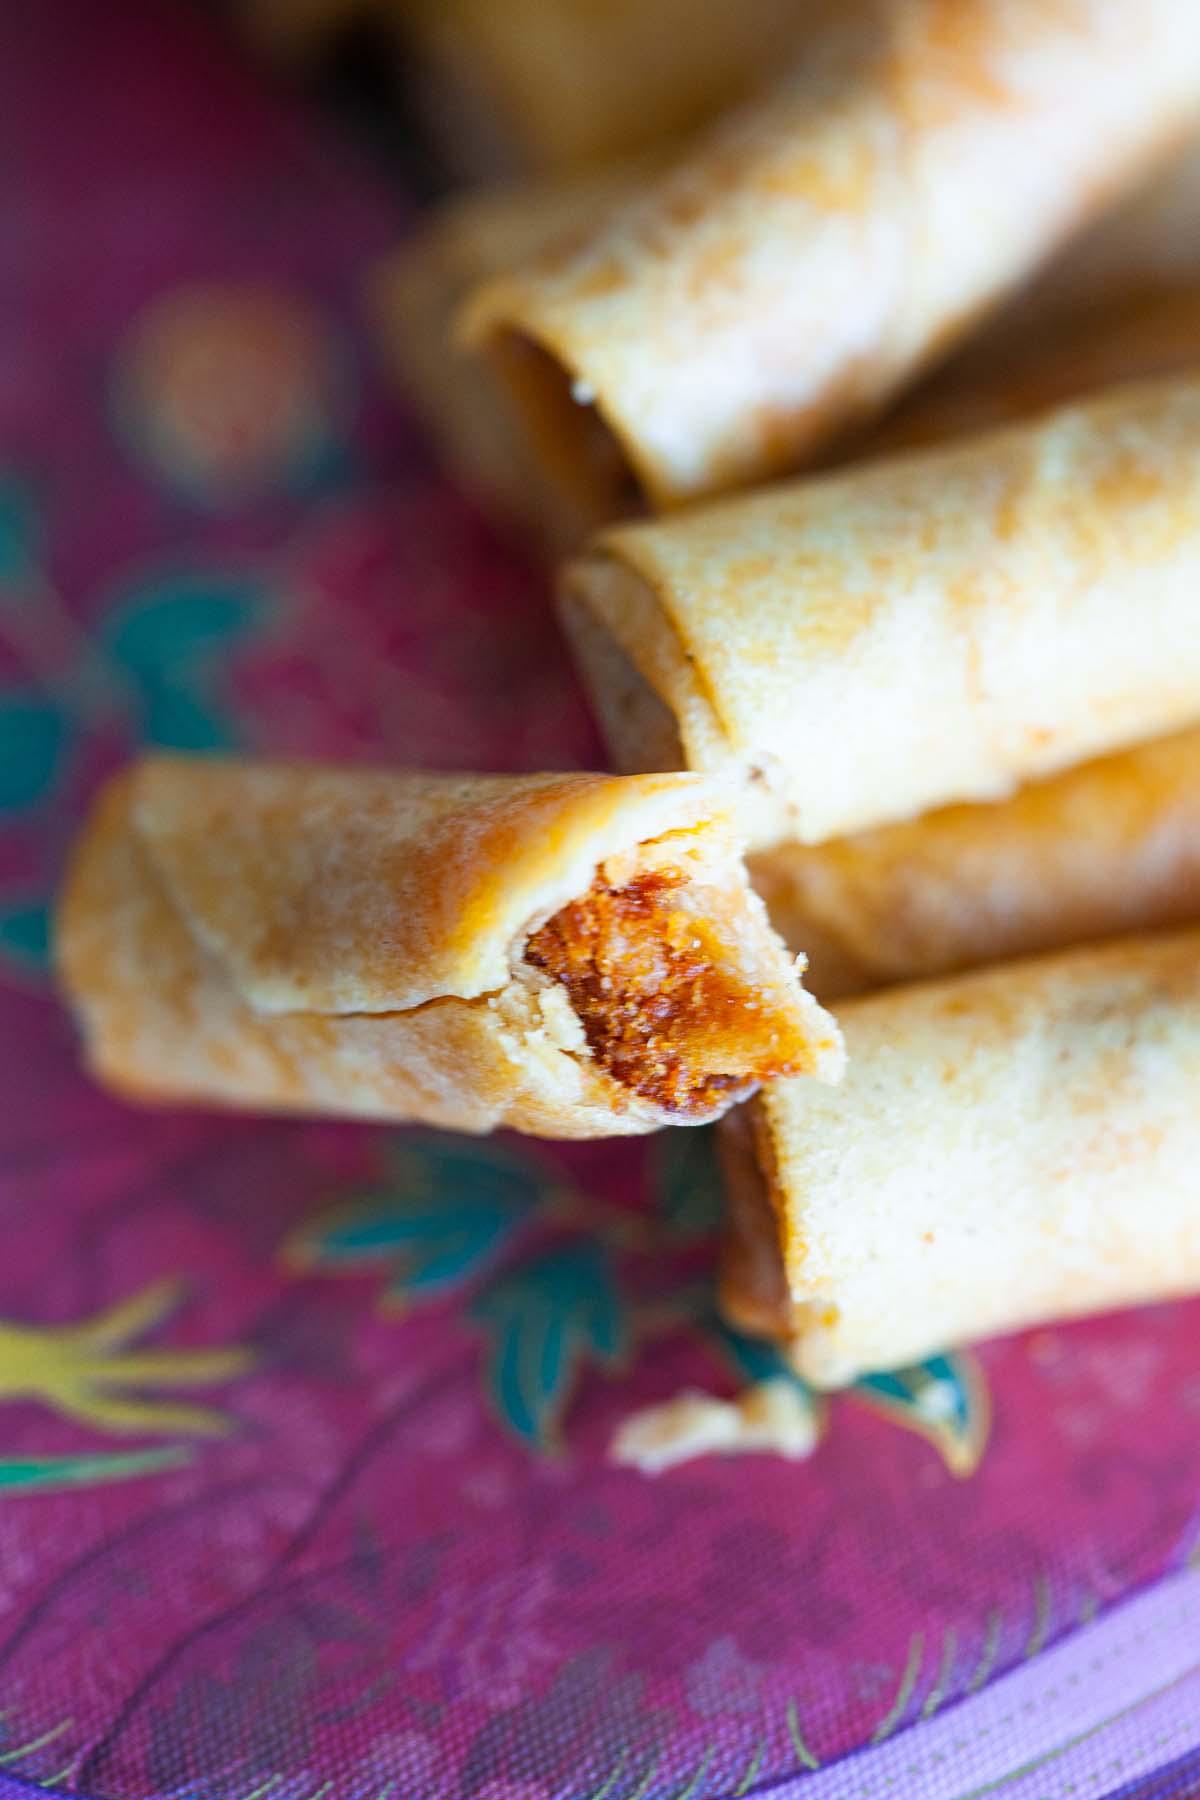 Nouvel an lunaire chinois de la soie de poulet croustillante rouleaux de printemps collations servies dans une assiette.